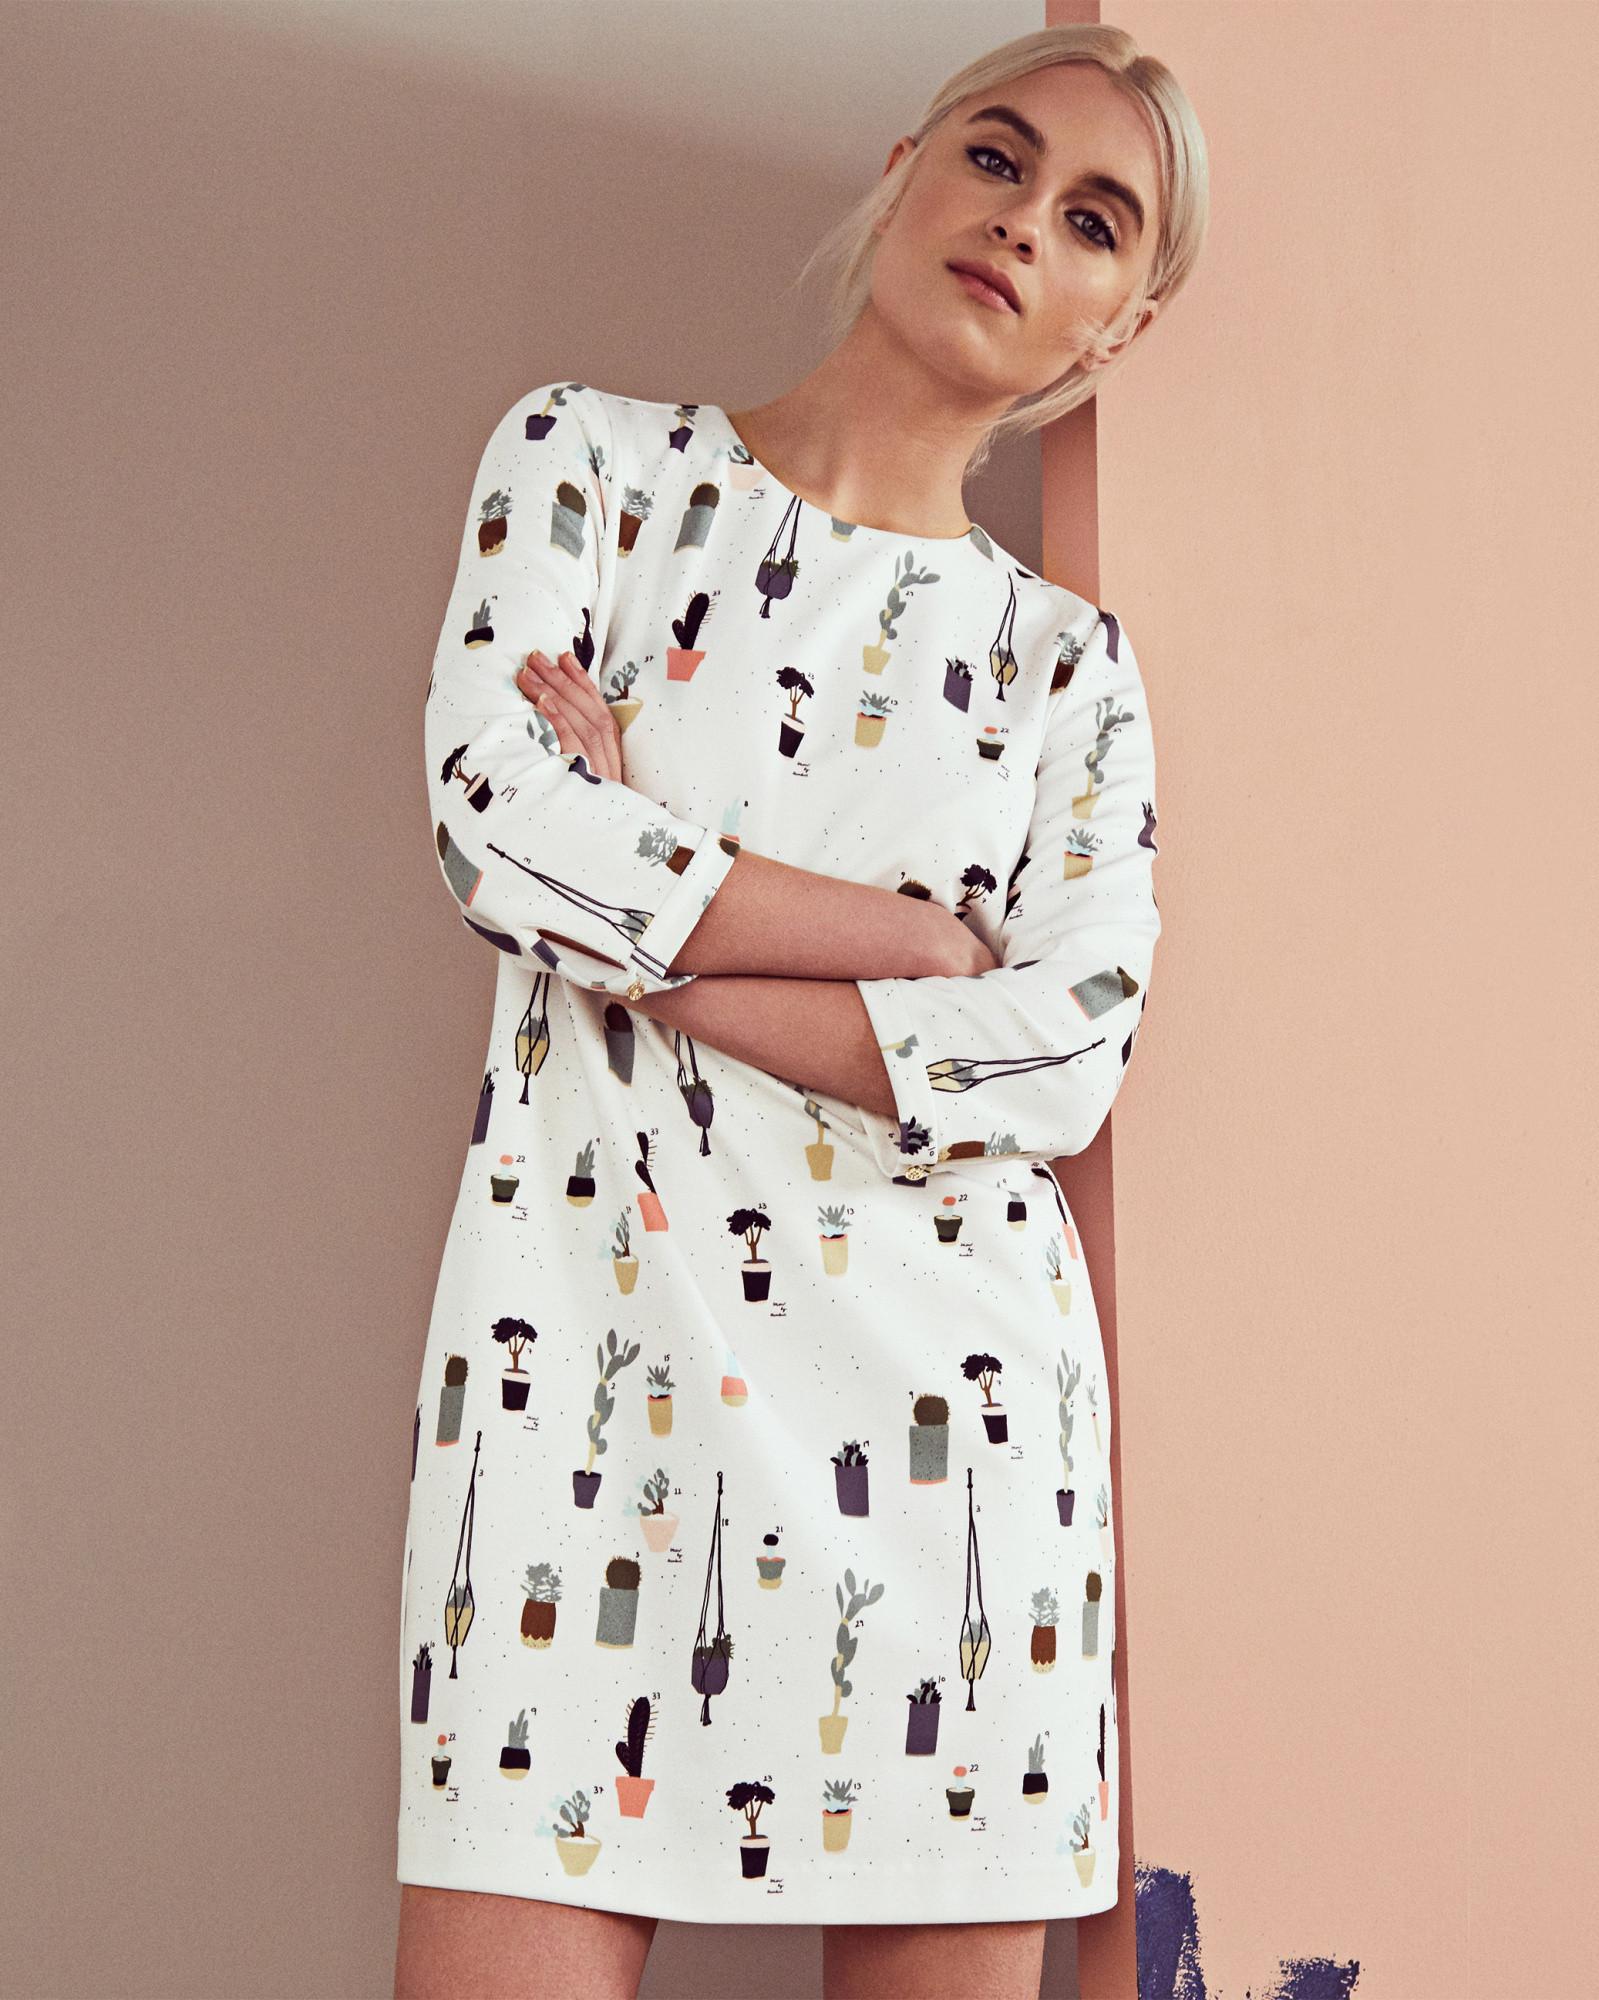 8f76cb8fe613 Lyst - Ted Baker Cactus Print Shift Dress in White